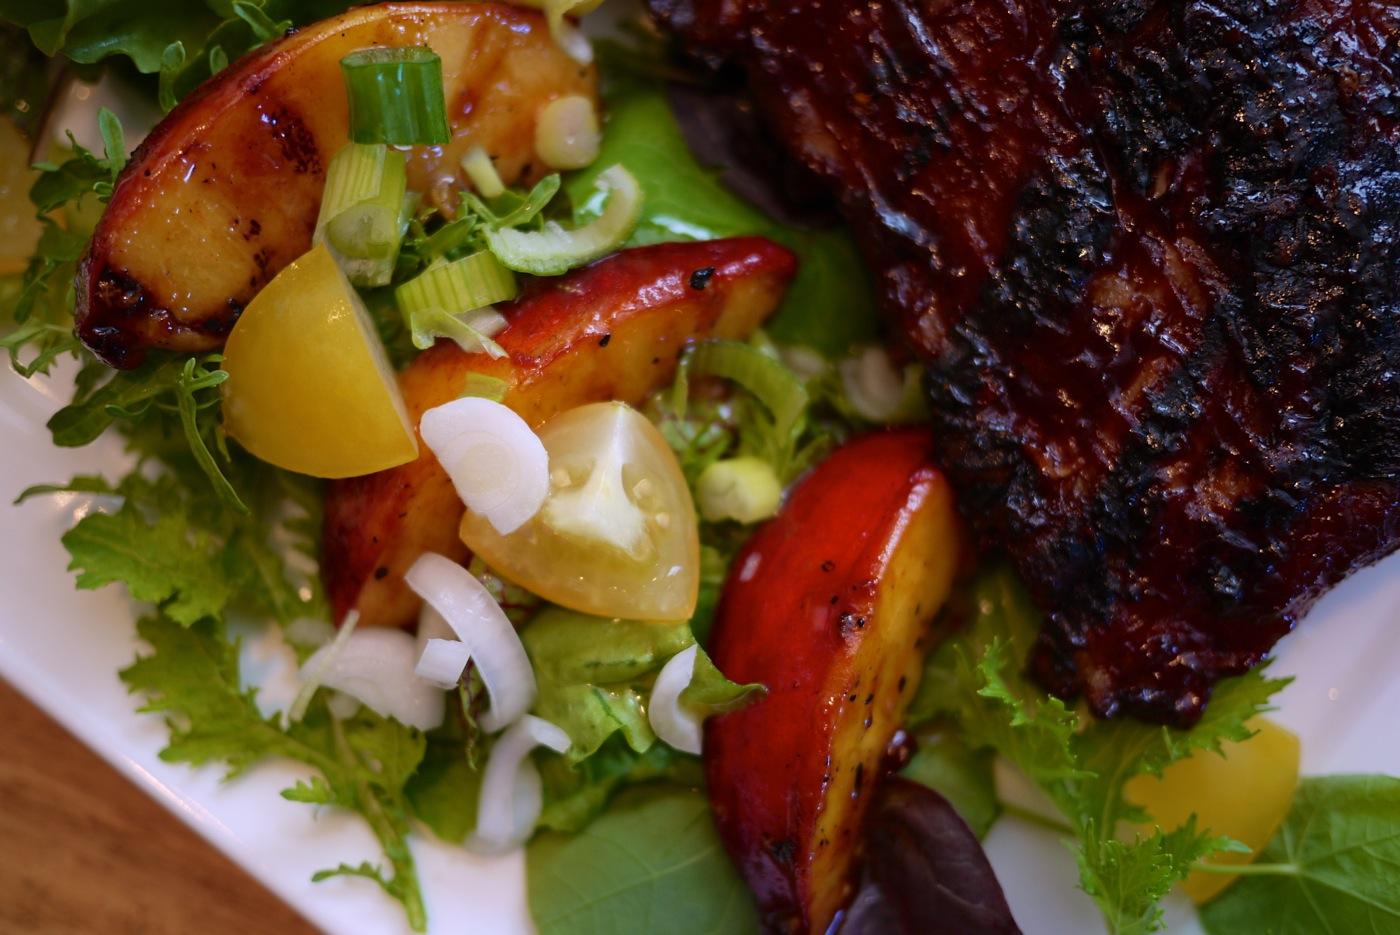 Un délicieux accompagnement pour les grillades estivales: la salade de pêches grillées.